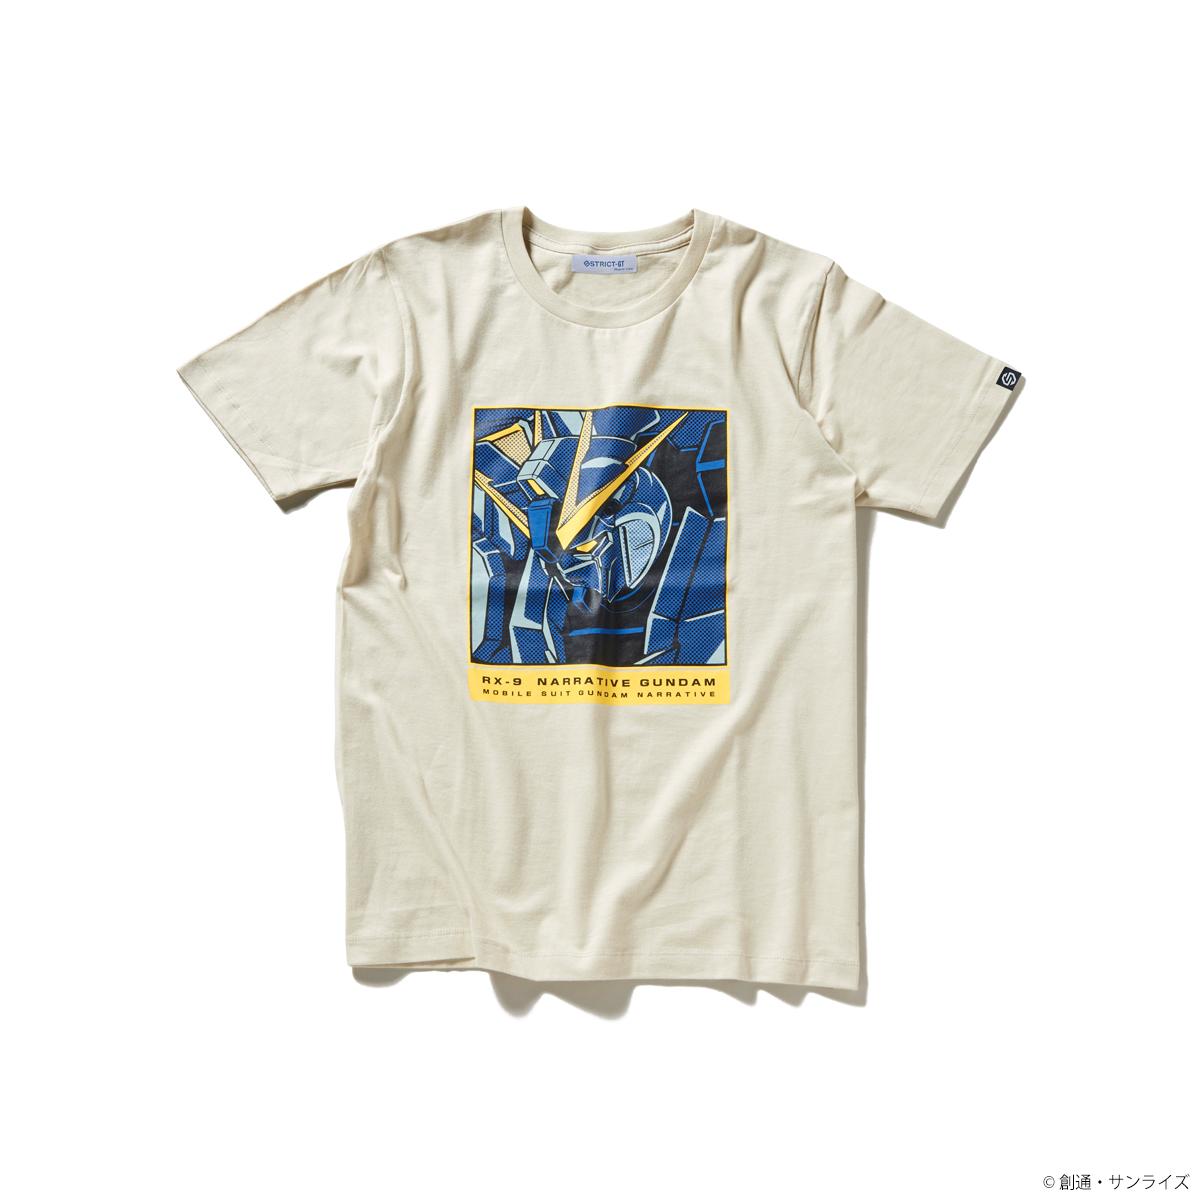 『機動戦士ガンダムNT』POP ART Tシャツ ナラティブガンダム